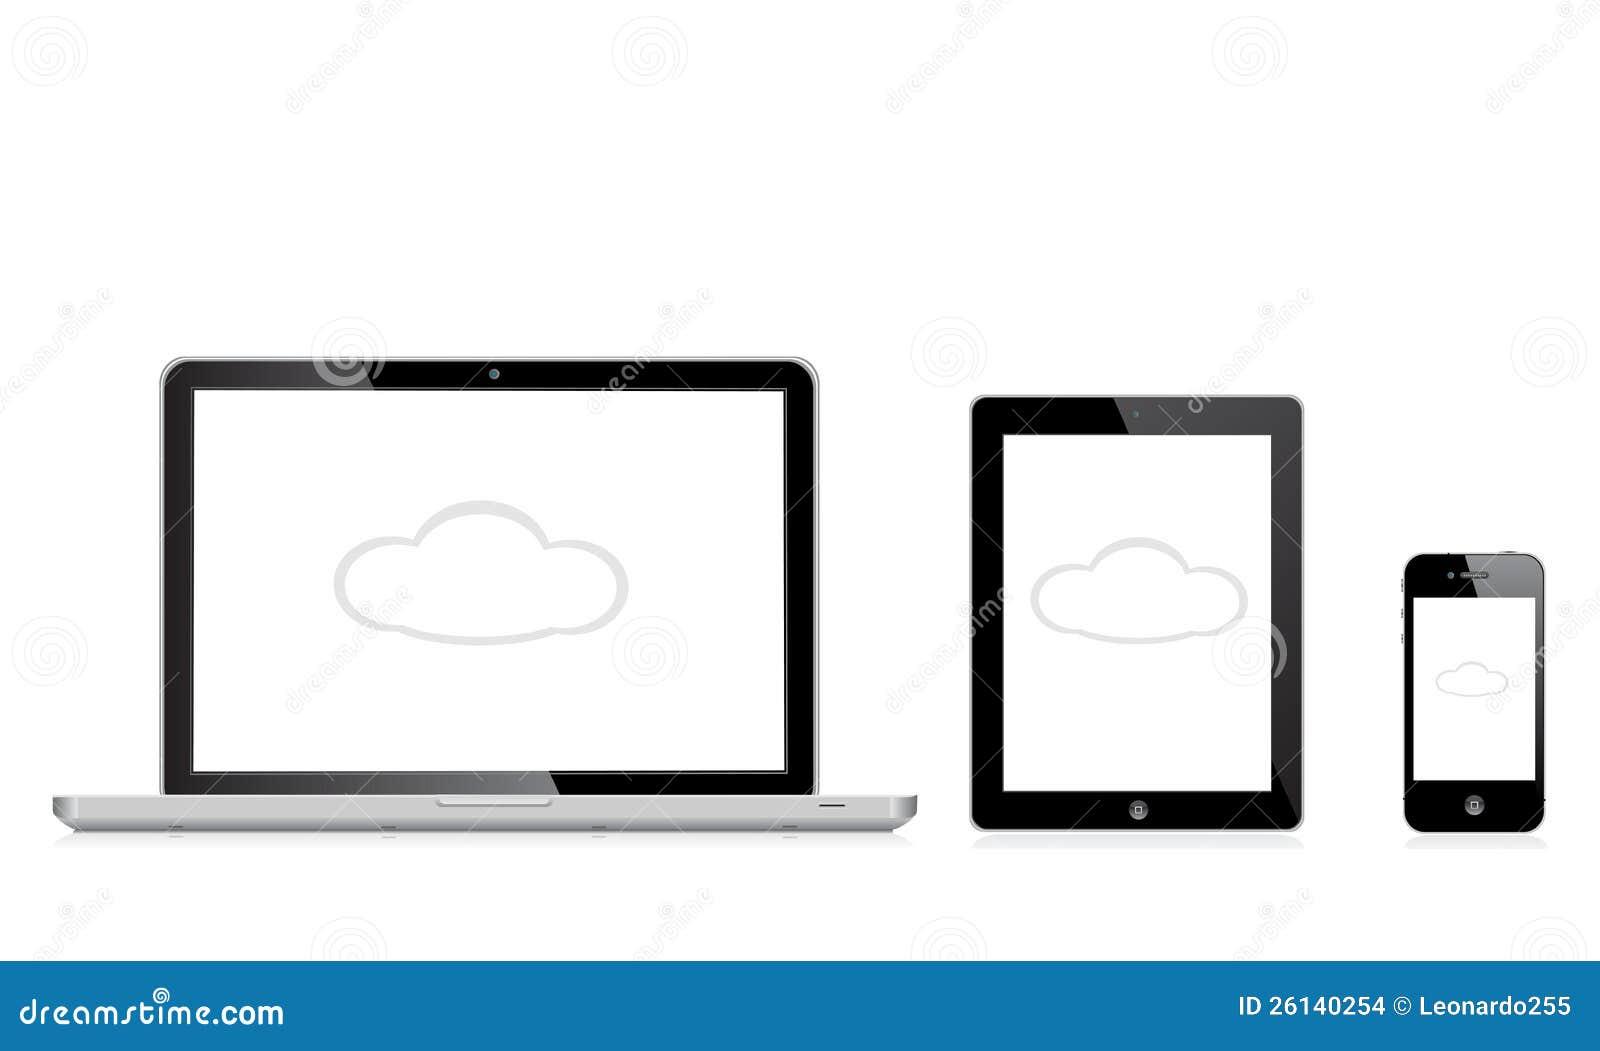 apple-mac-ipad-iphone-26140254.jpg